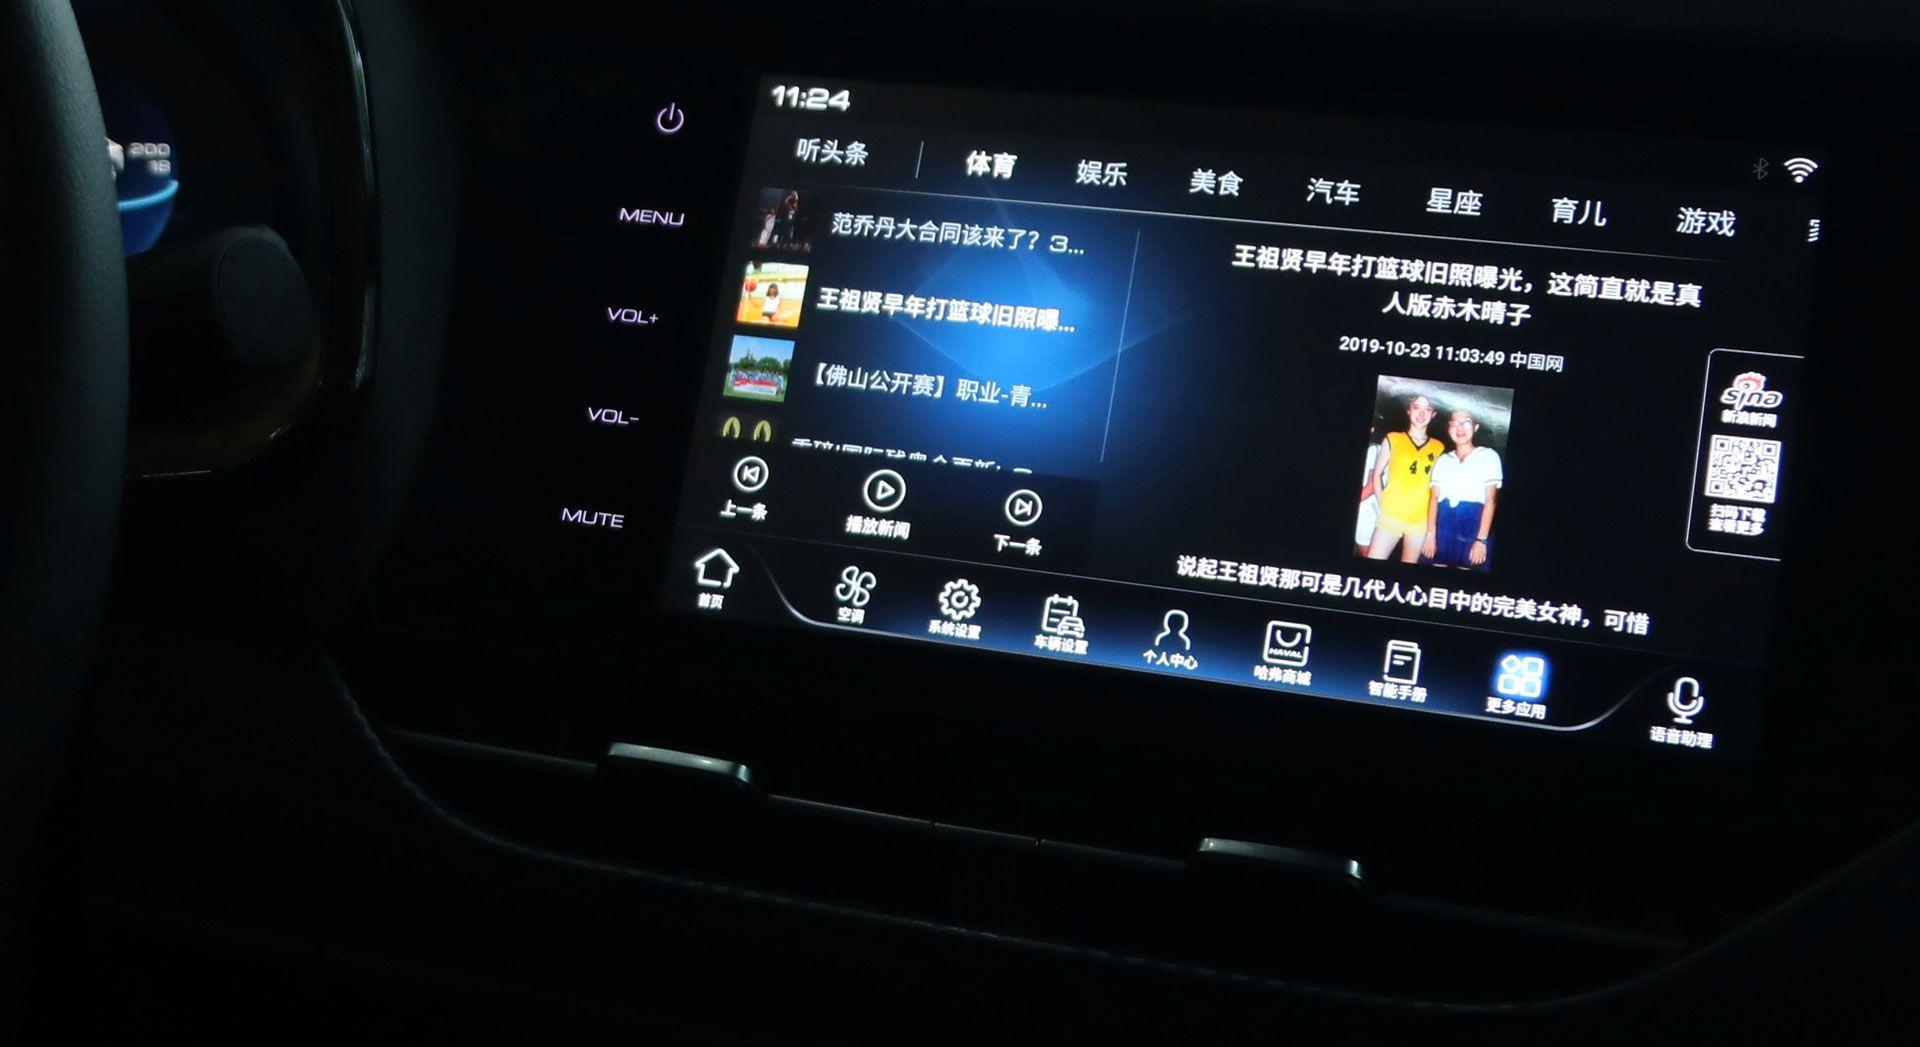 新浪新闻携手长城汽车聚焦车载内容生态 为车赋能为人服务